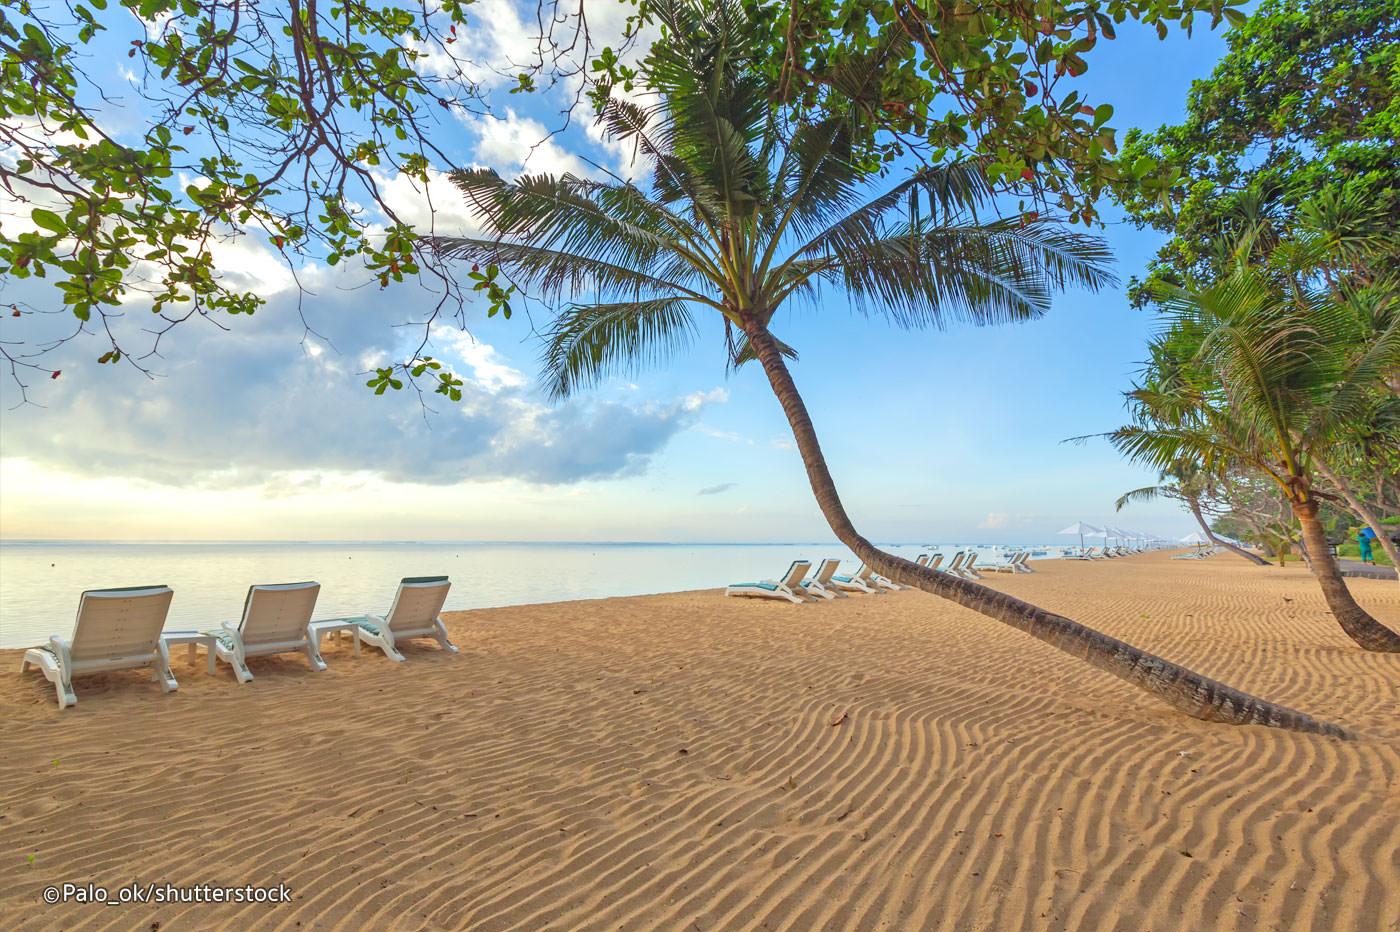 Meilleures plages Bali, sanur